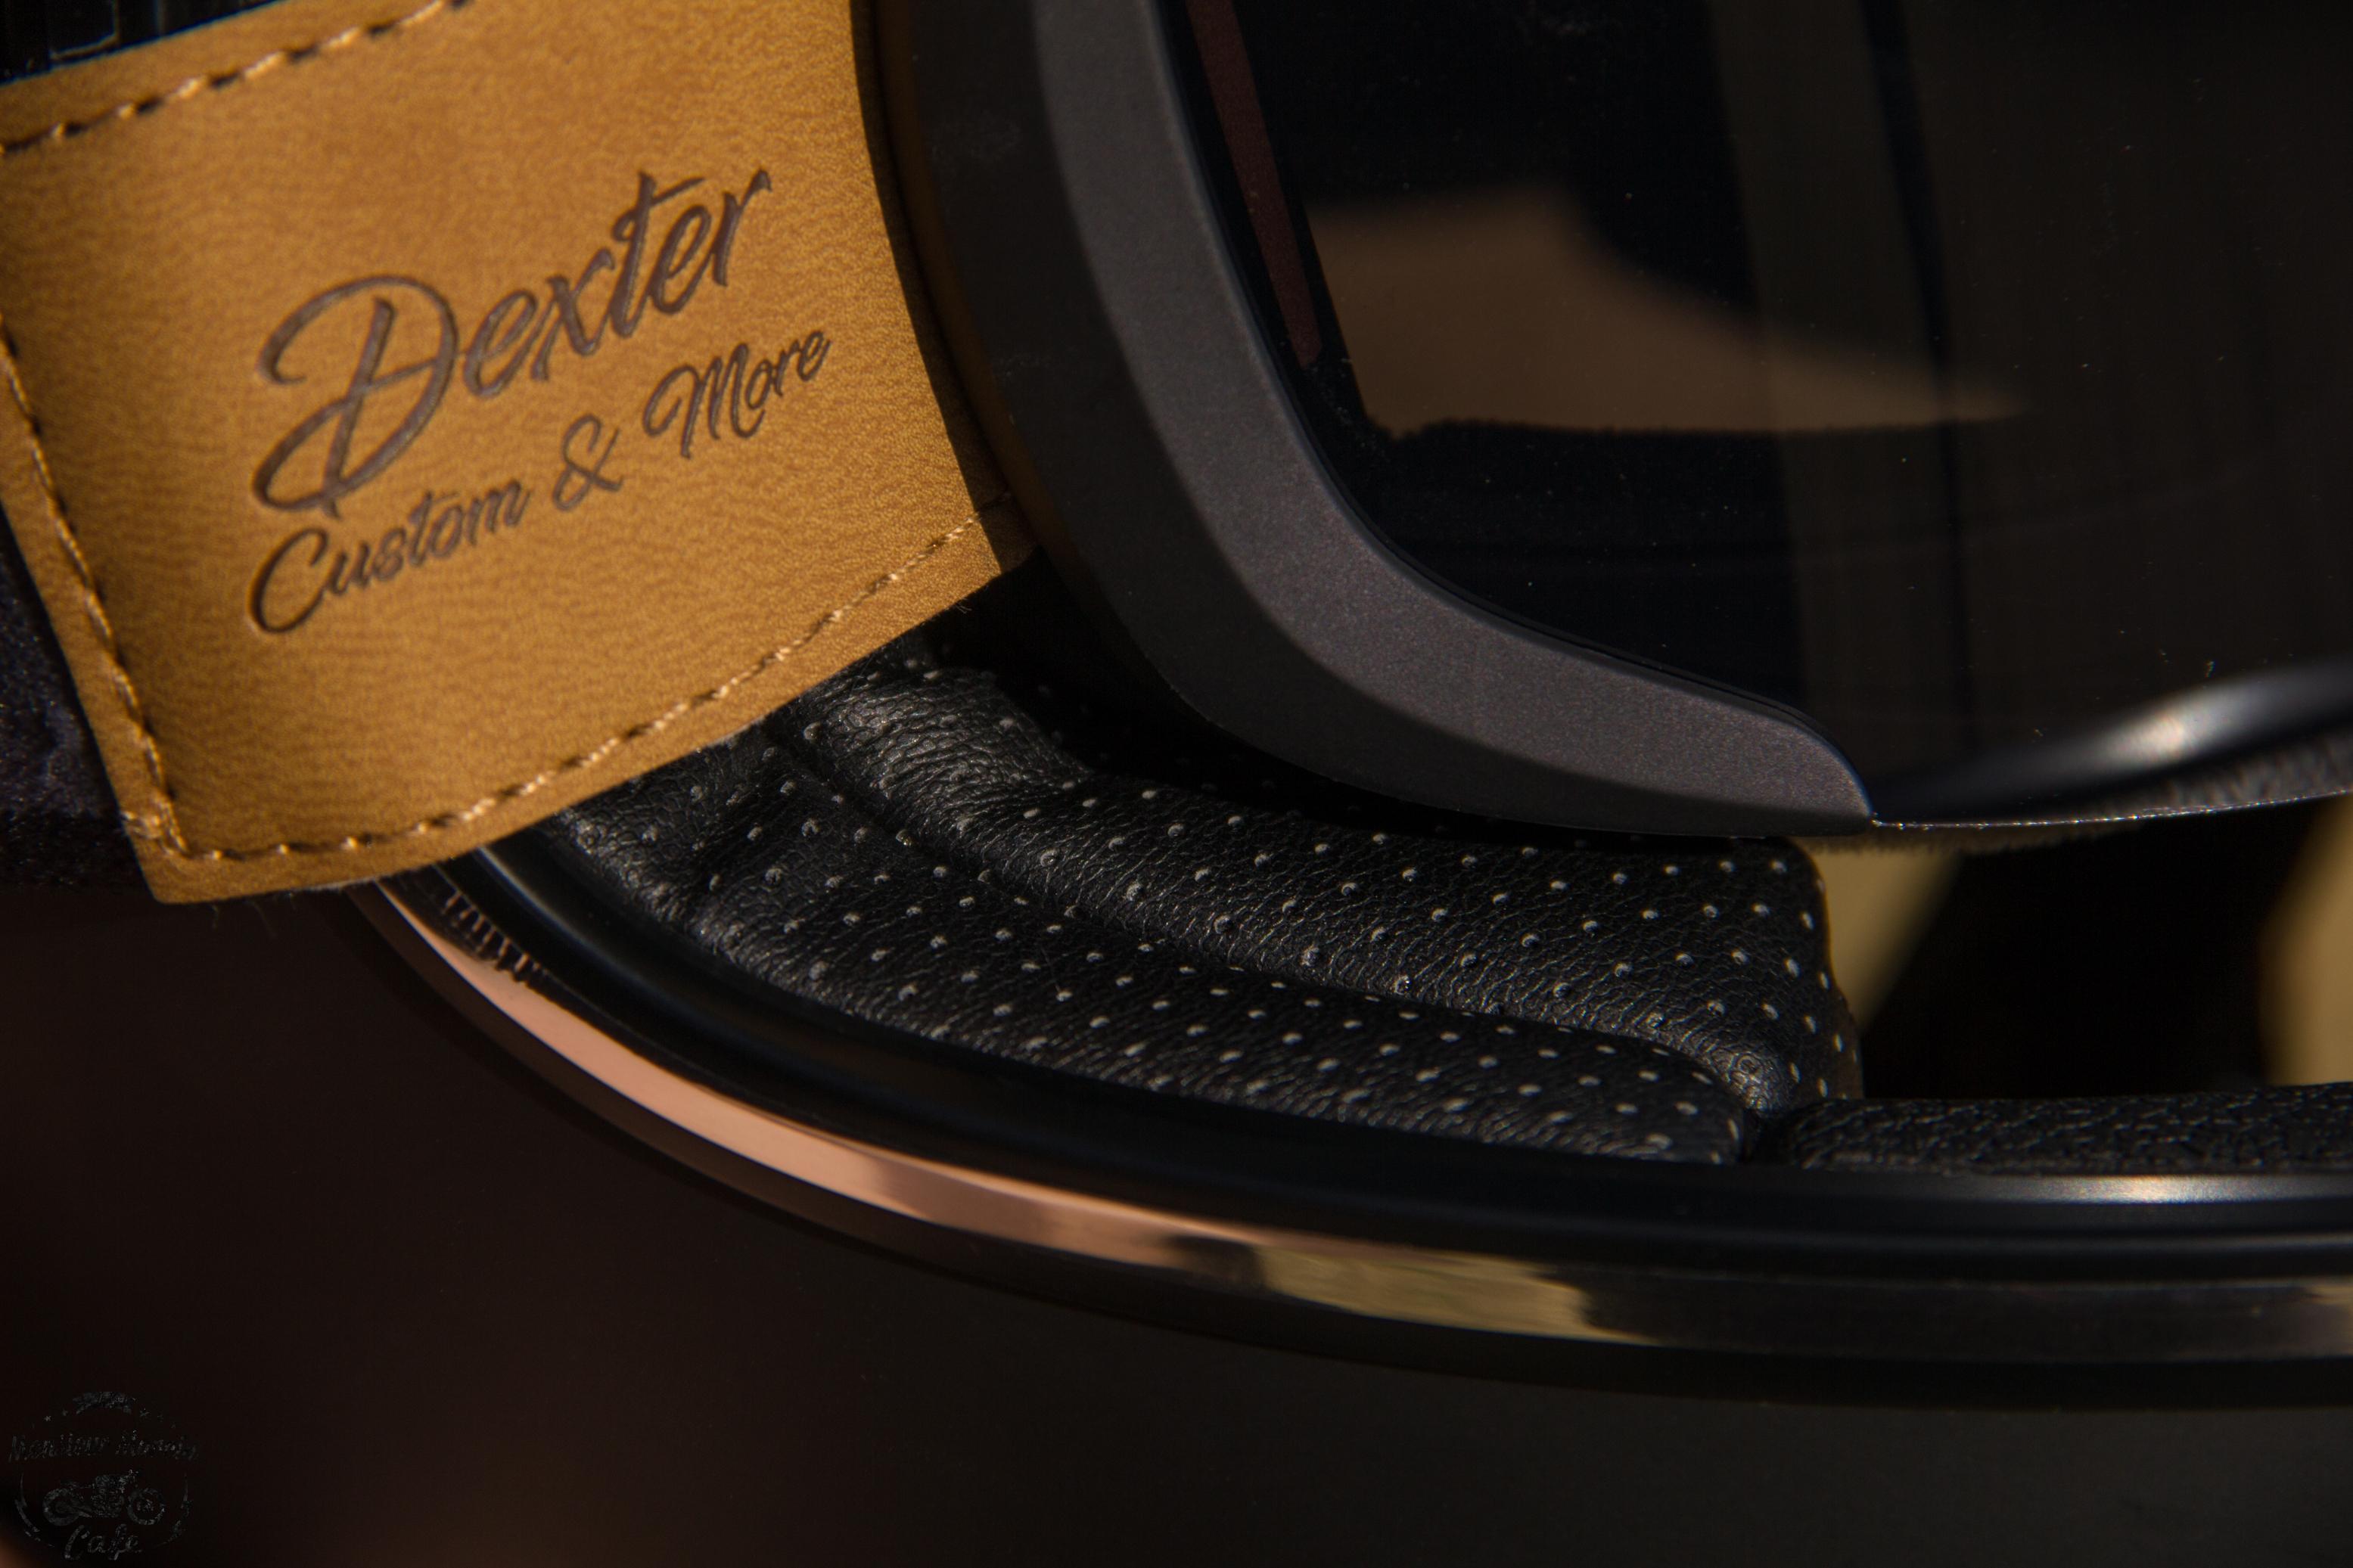 Cuir micro-perforé à l'intérieur du casque Dexter Marty